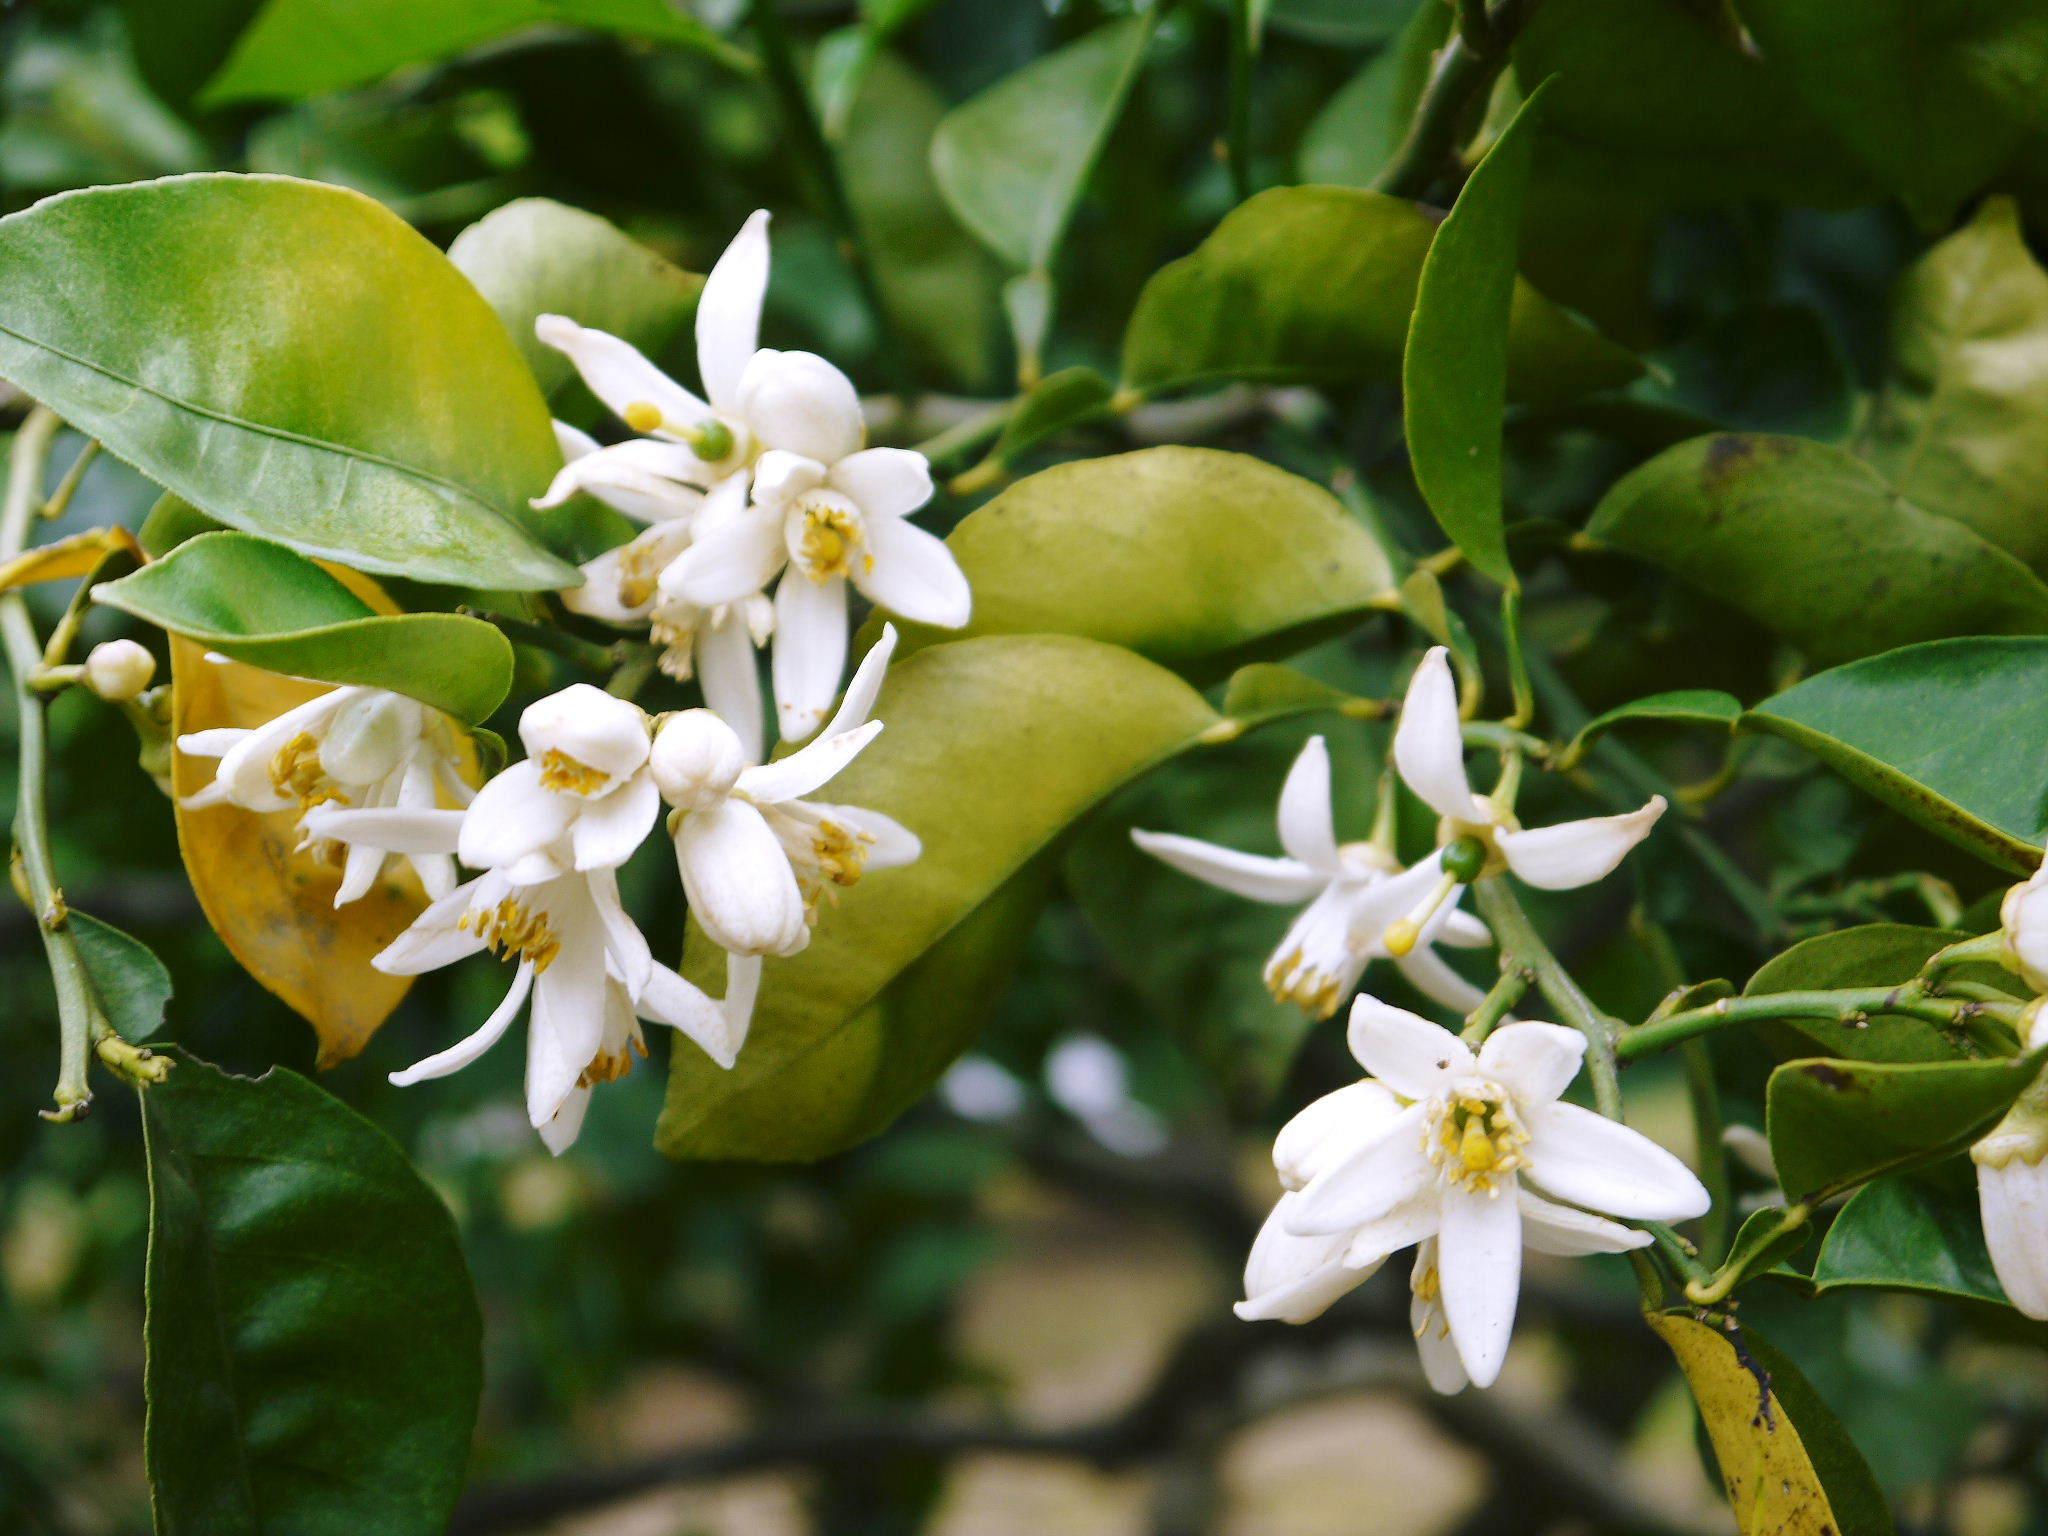 種なしかぼす 花咲く様子(2020) 今年は花が少なくその分玉太りは良いですが収量は激減しそうです!_a0254656_18235071.jpg